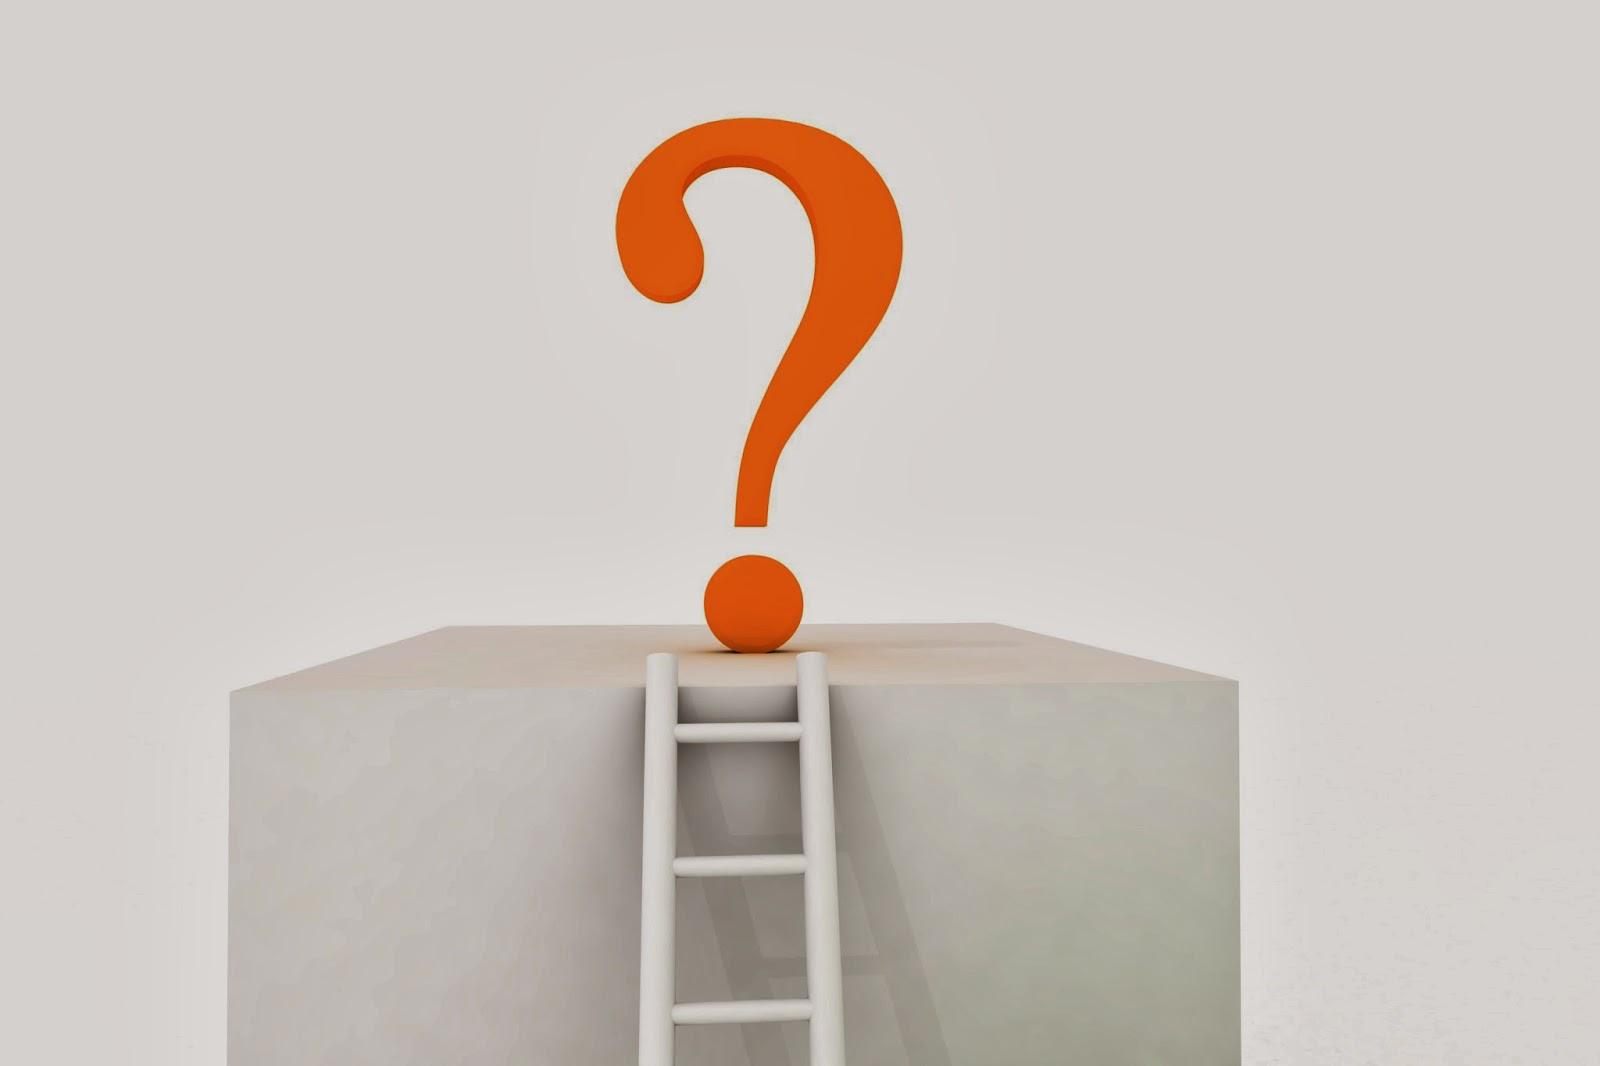 Jakie kryteria powinny decydować o wyborze agencji custom publishing?